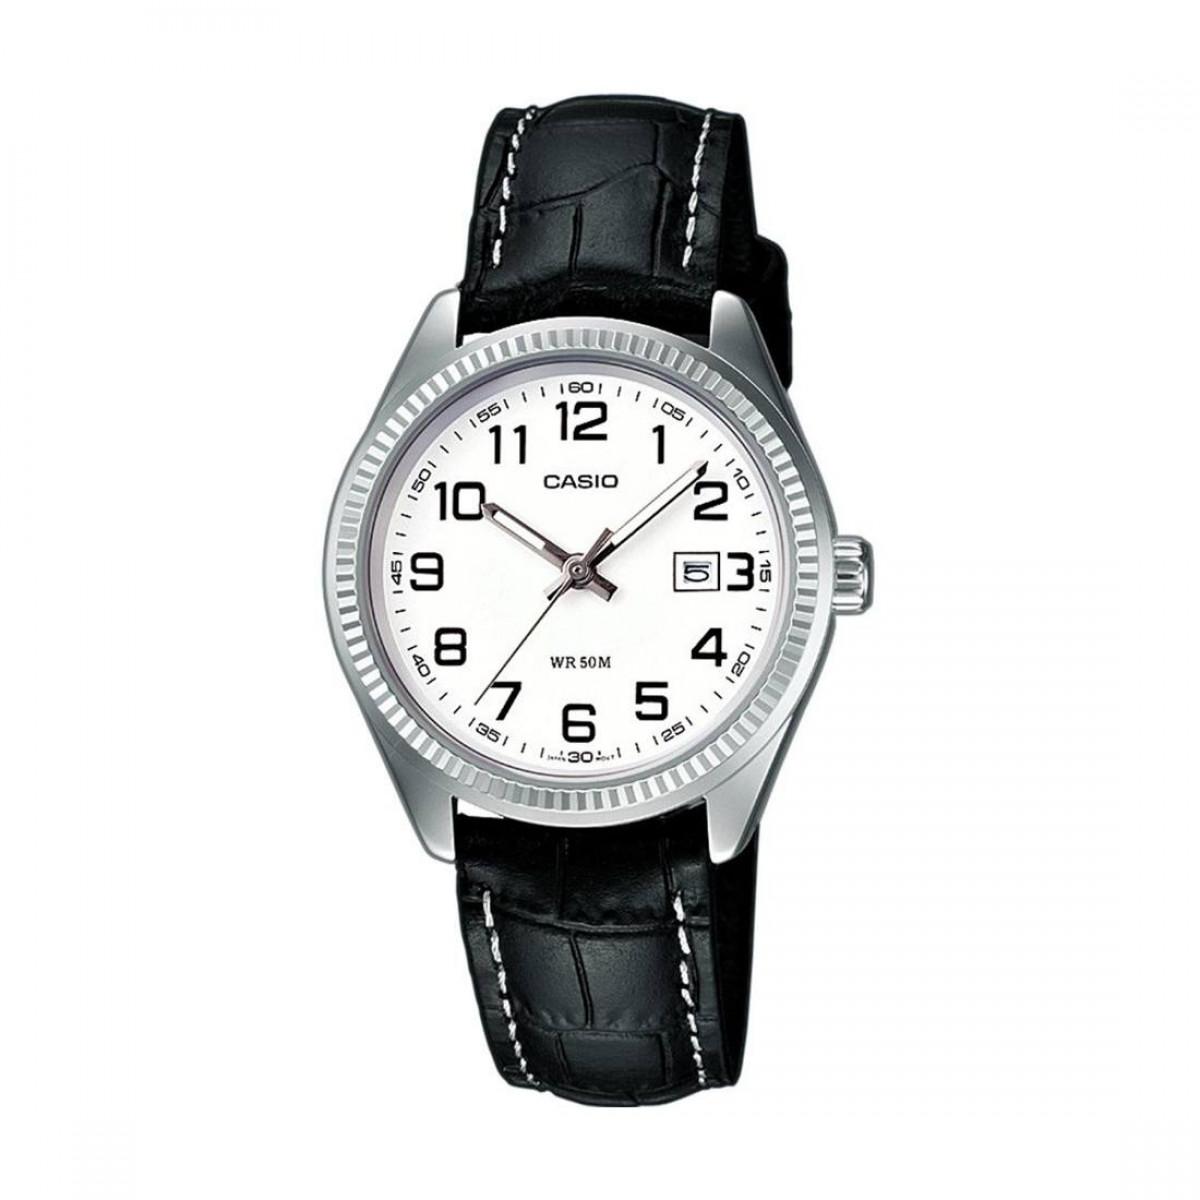 Часовник Casio LTP-1302PL-7BVEF